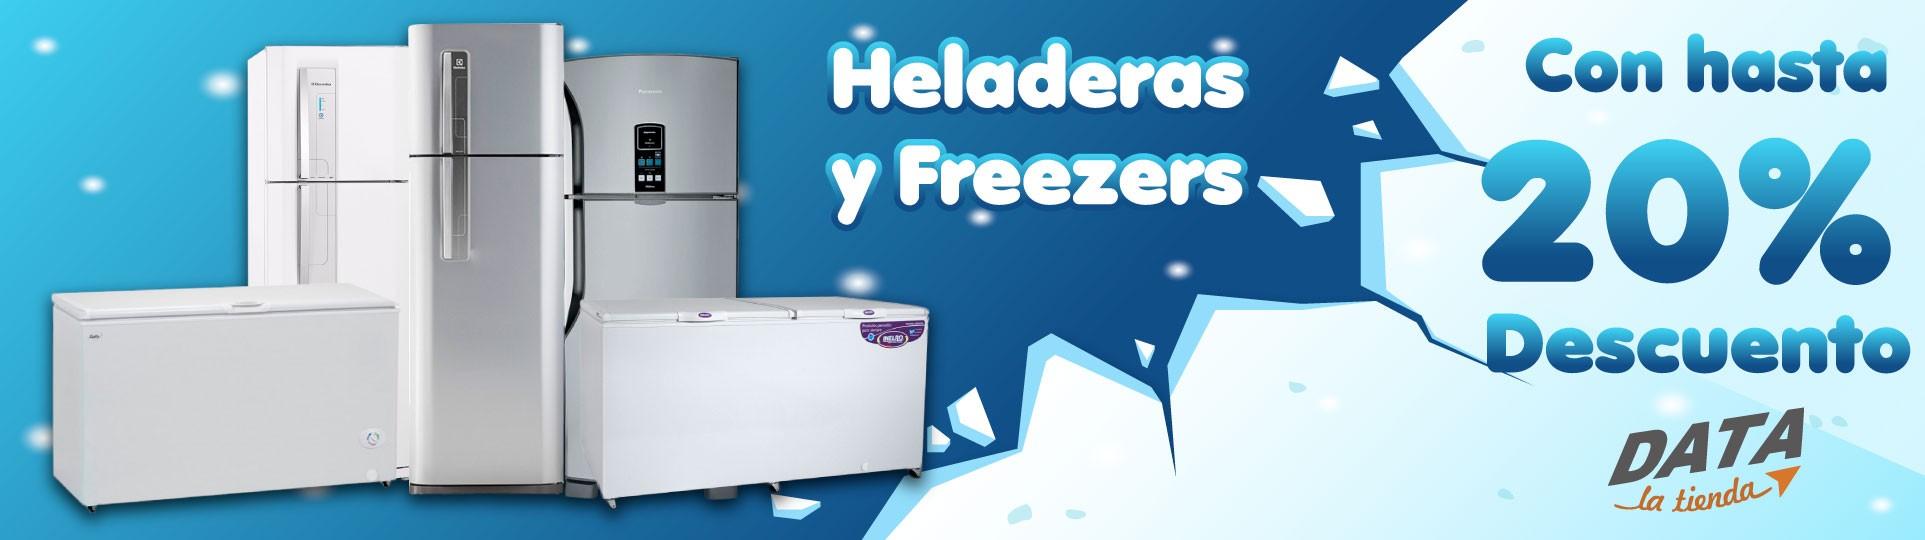 ¡Refrigeración con hasta un 20% de descuento!